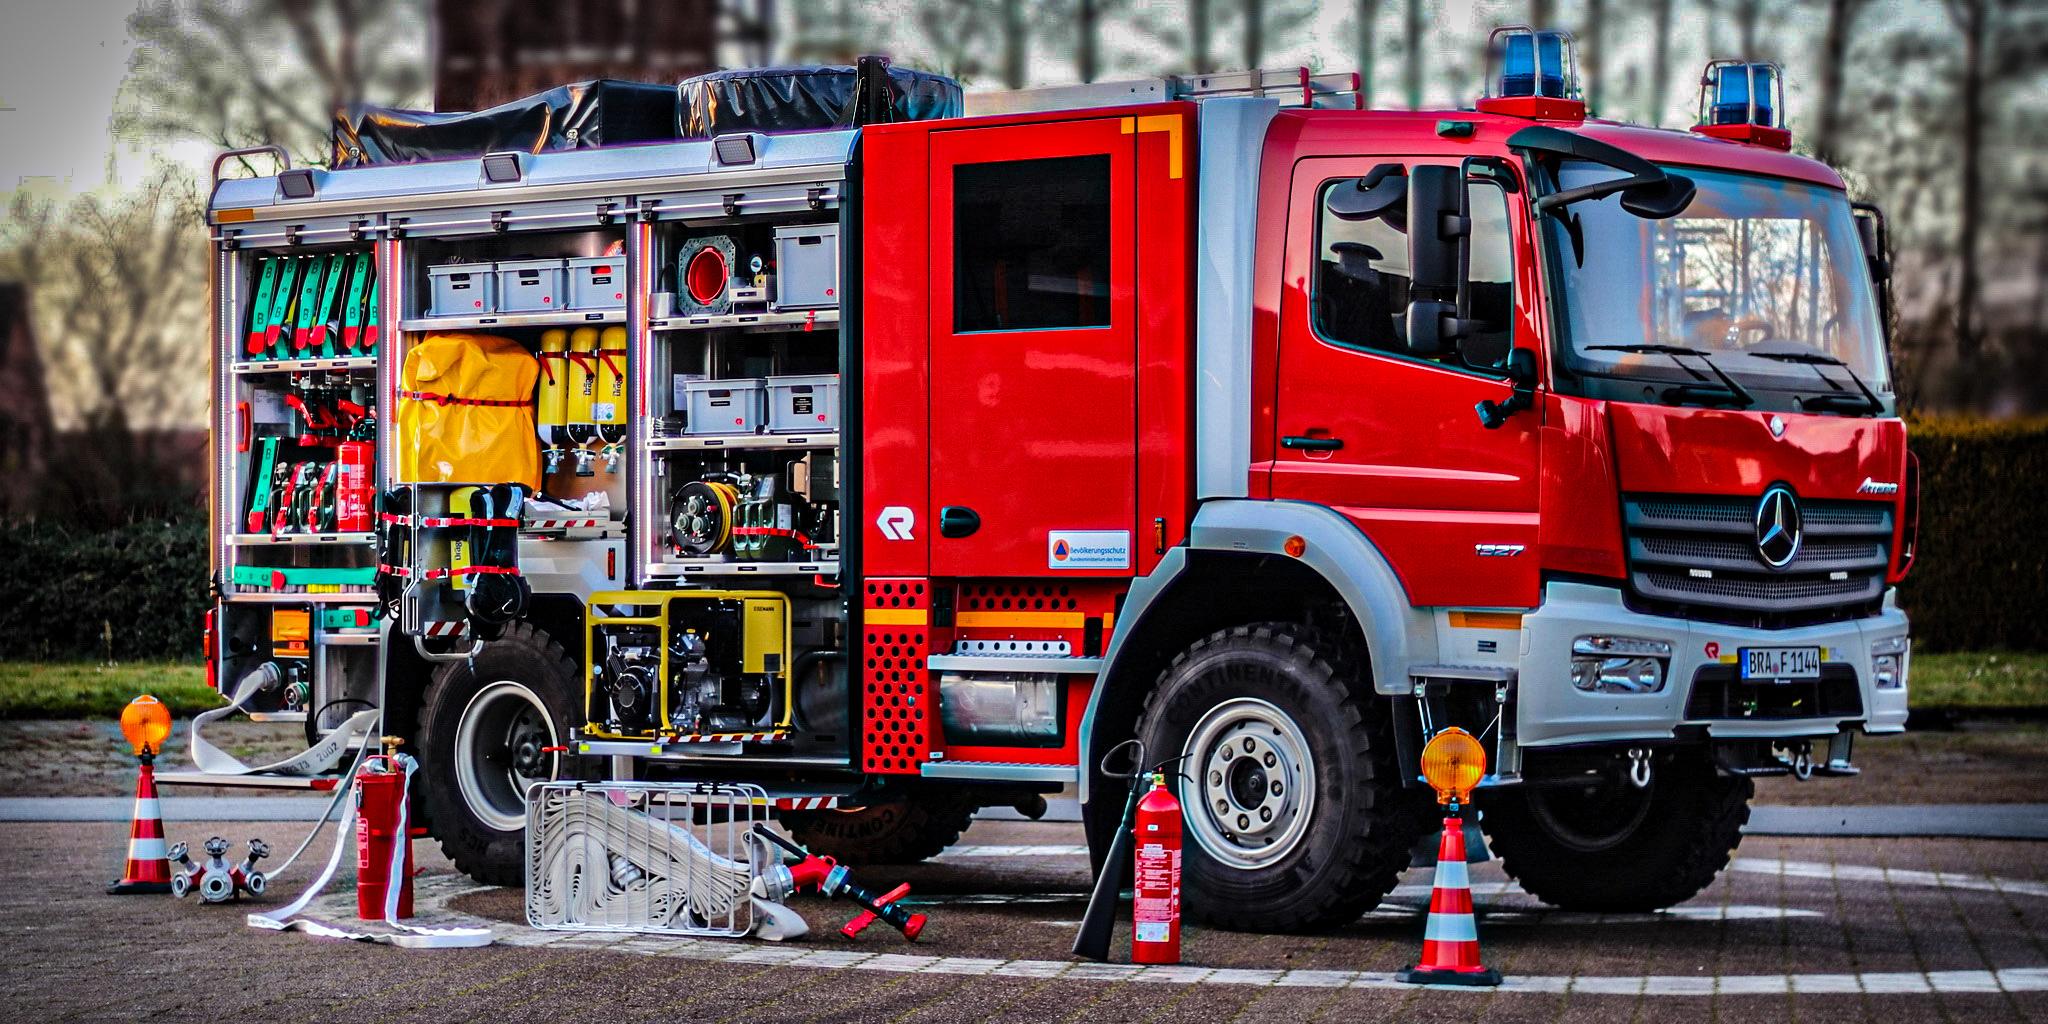 Löschgruppenfahrzeug für den Katastrophenfall (LF-KatS)